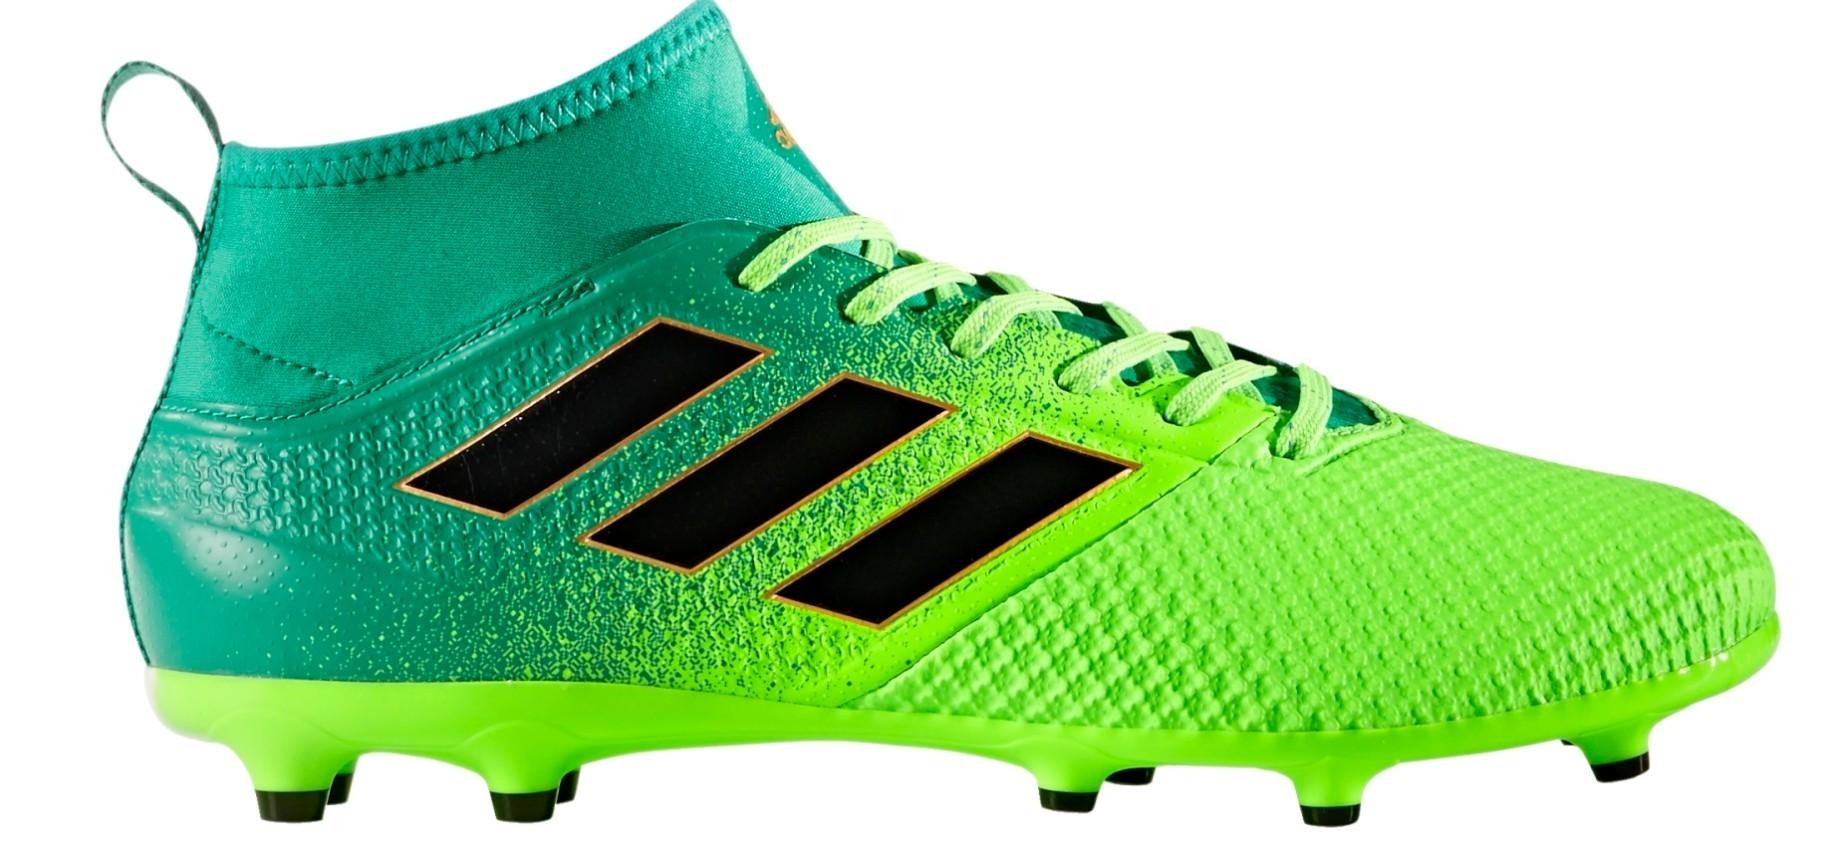 wholesale dealer a6115 fae16 Botas de Fútbol Adidas Ace 17.3 PrimeMesh FG Dispara Pack colore verde -  Adidas - SportIT.com